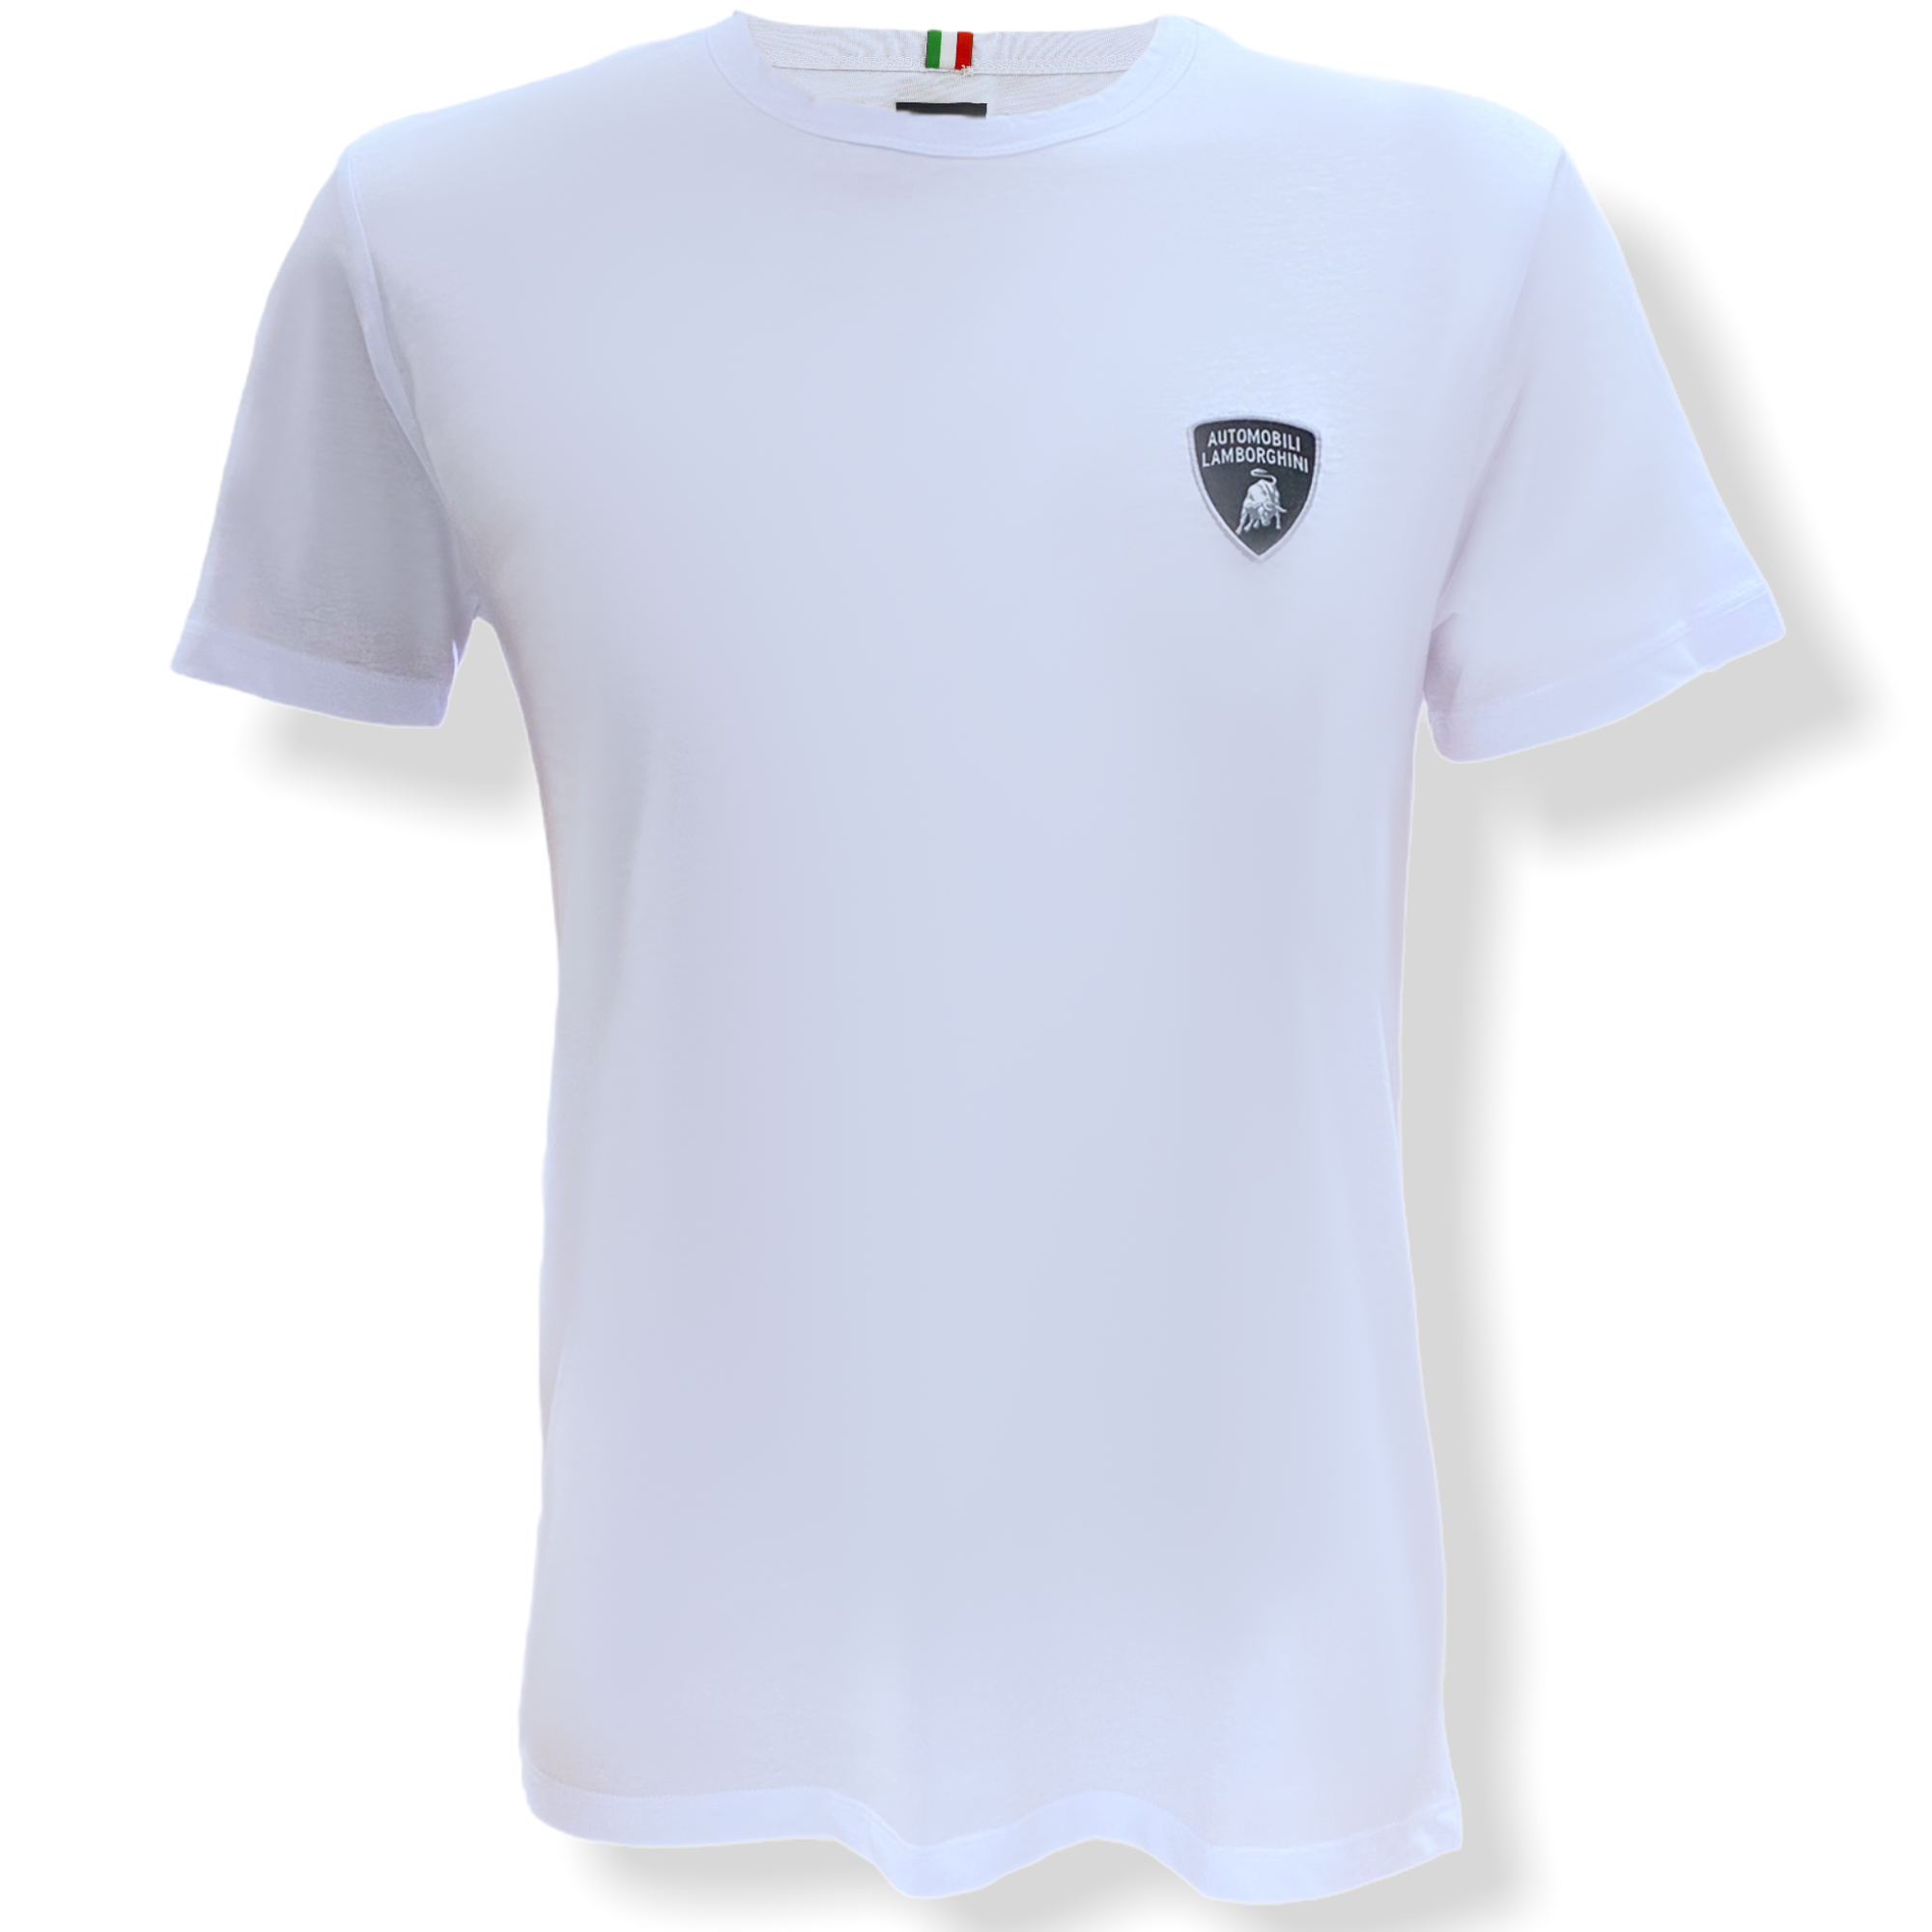 Automobili Lamborghini - T-shirt ESSENTIAL